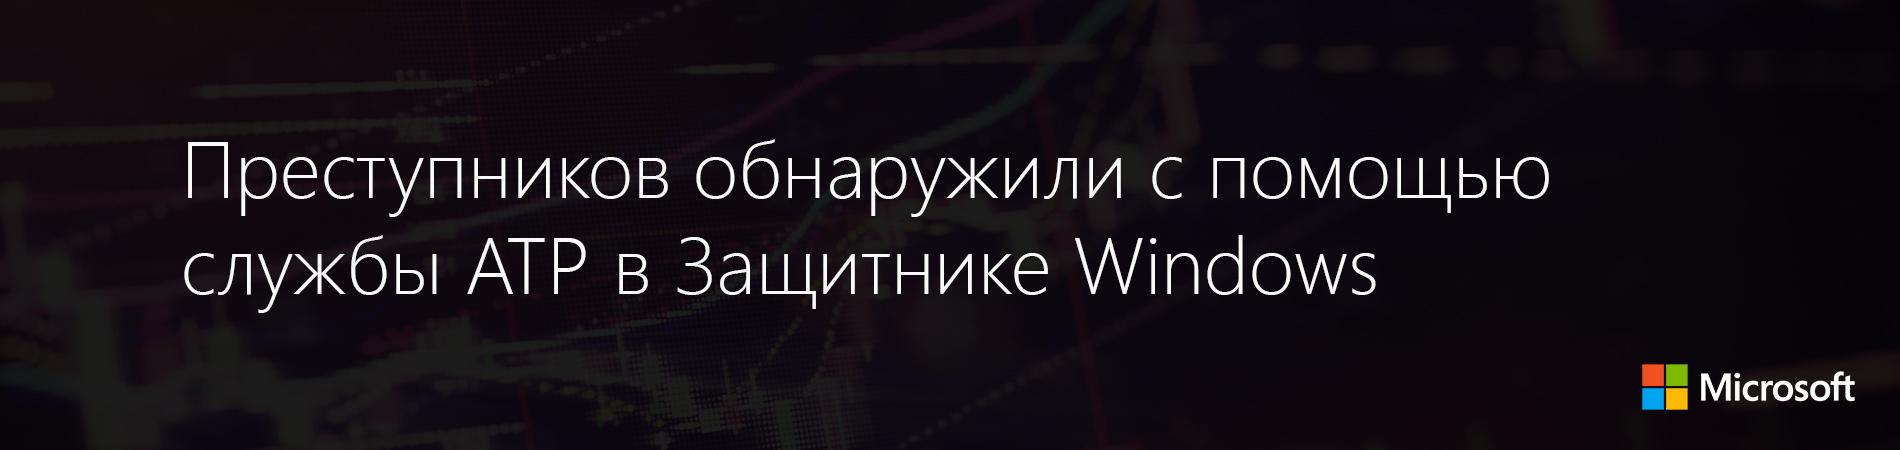 Преступников обнаружили с помощью службы ATP в Защитнике Windows